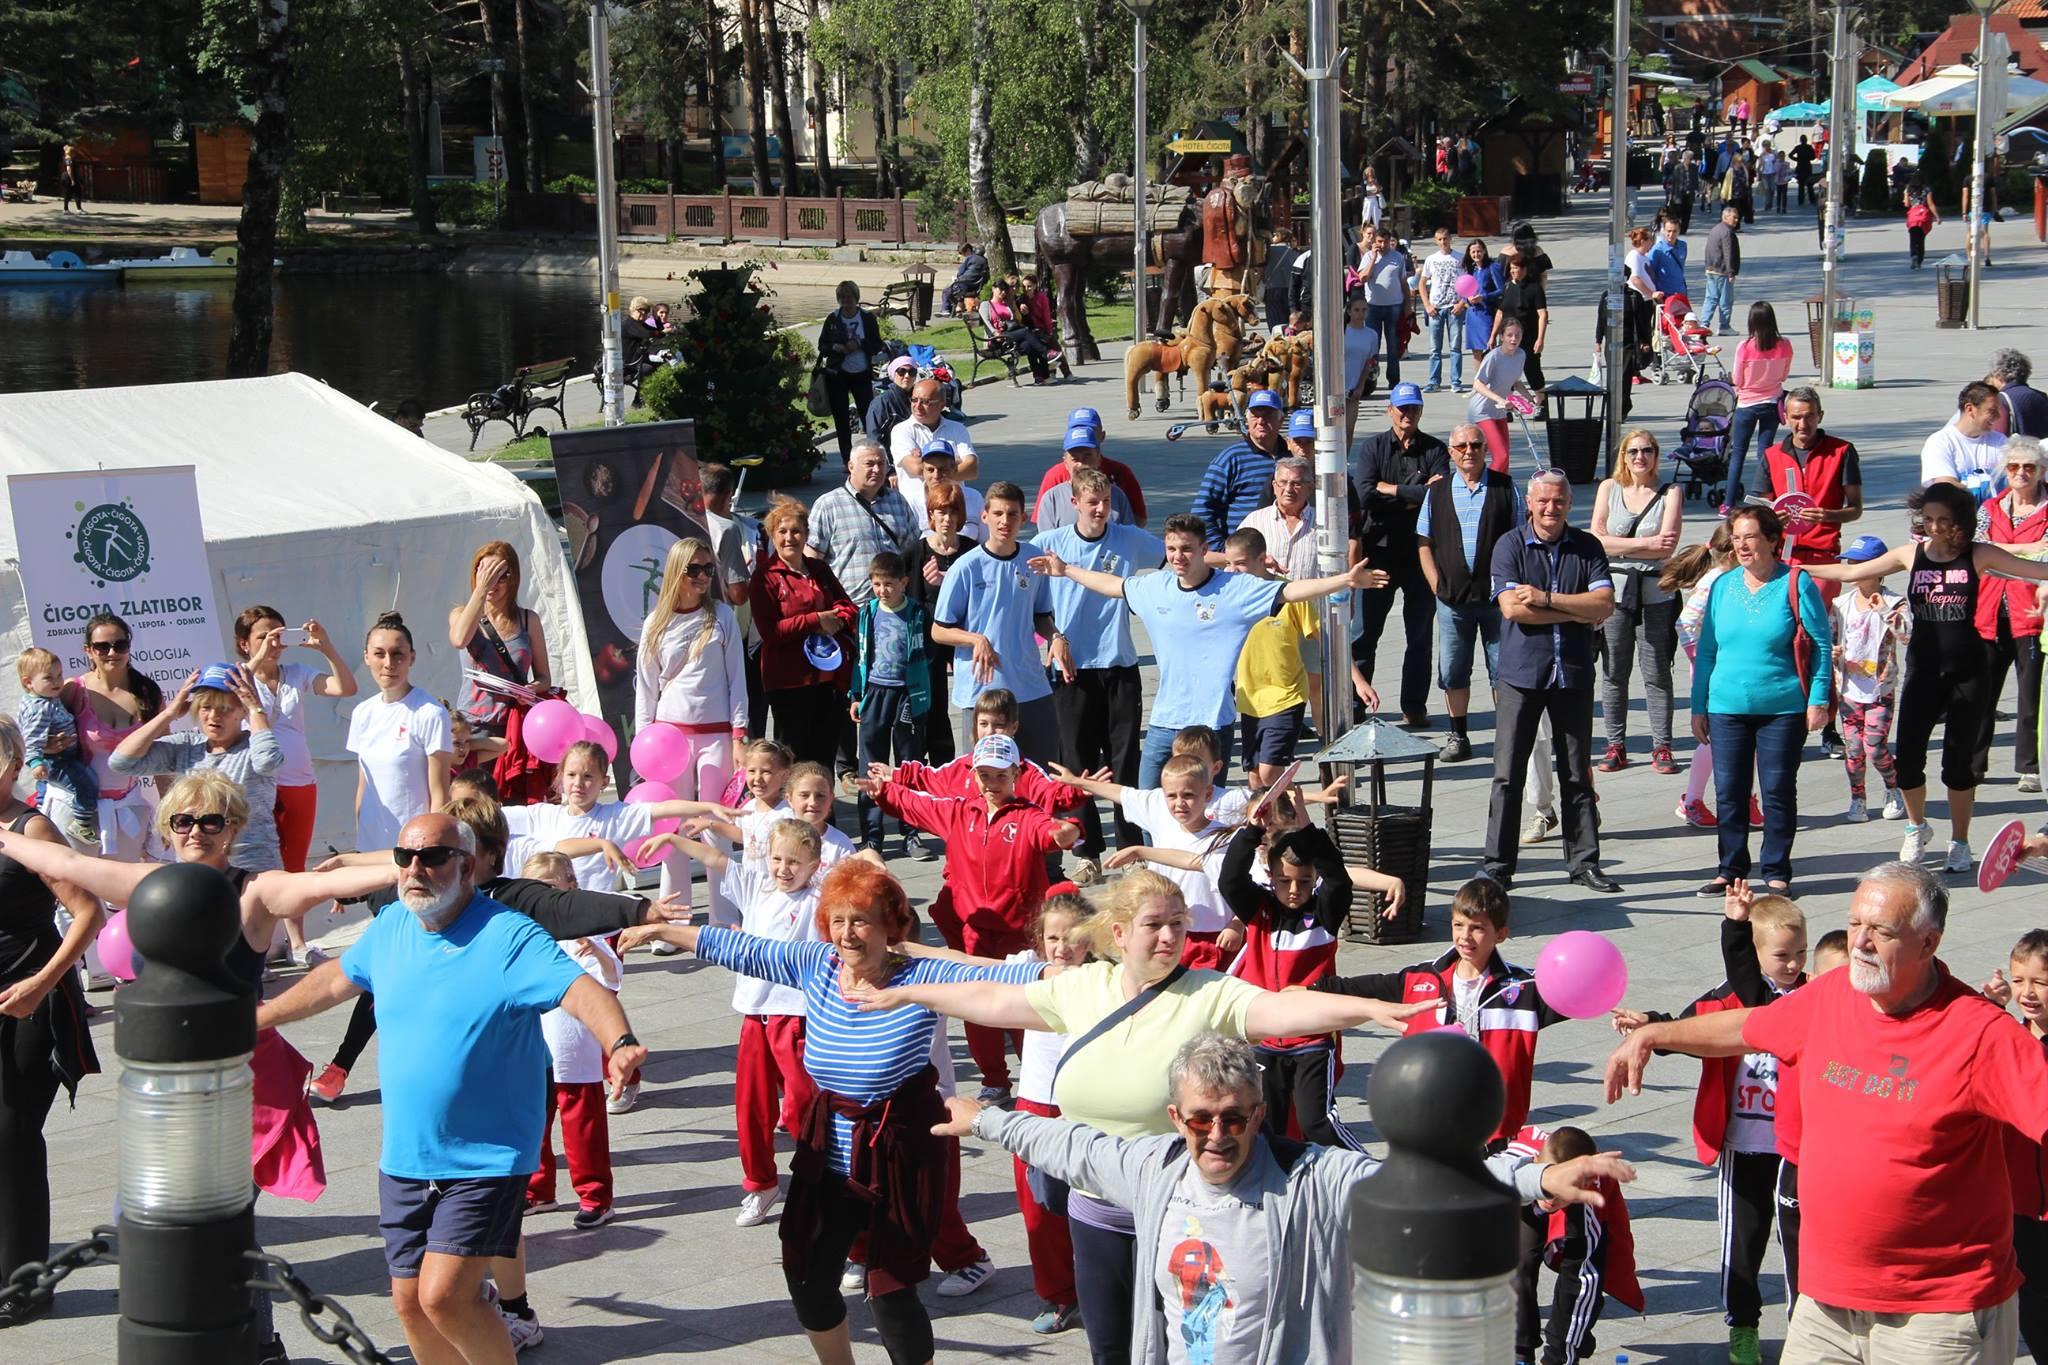 Veliki događaj na otvorenom, Zlatibor, 11.6.2016.